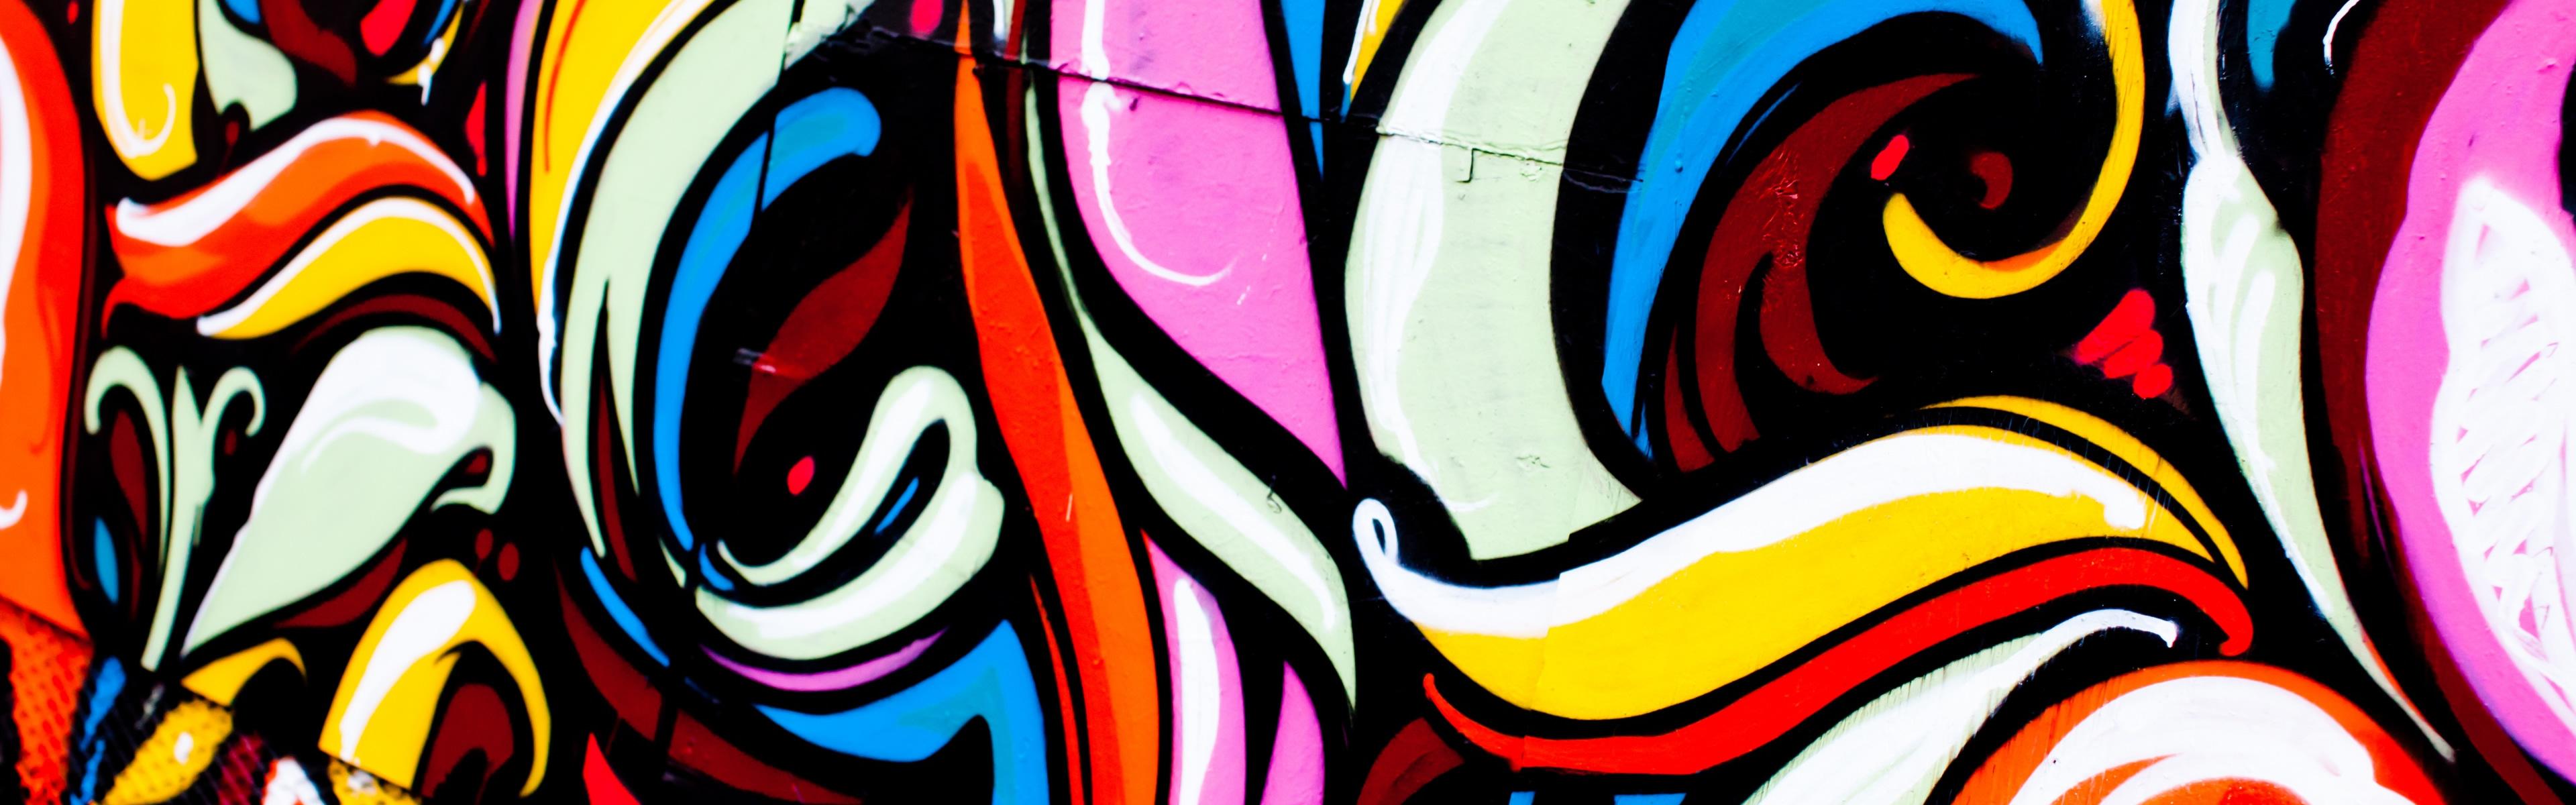 Graffiti art wallpaper - Art Of Graffiti Iphone Panoramic Wallpaper Download Ipad Wallpapers